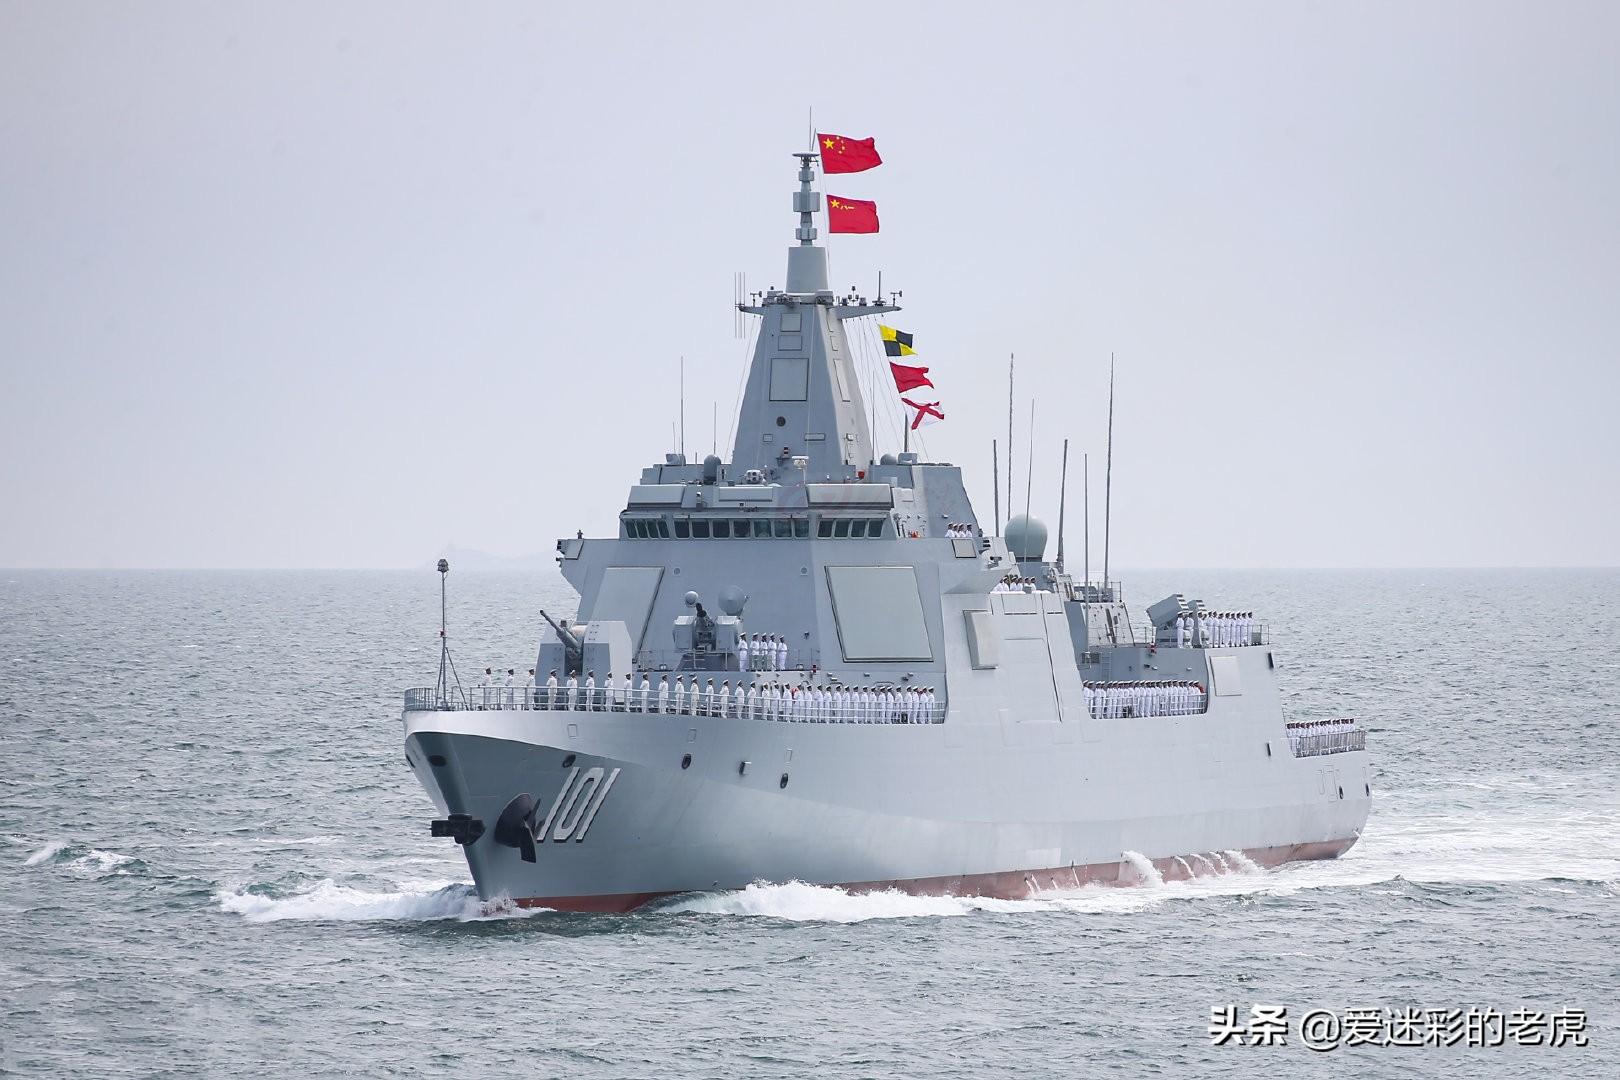 解放军一天入列三艘主战舰艇,外媒称可以写入历史,创造了记录